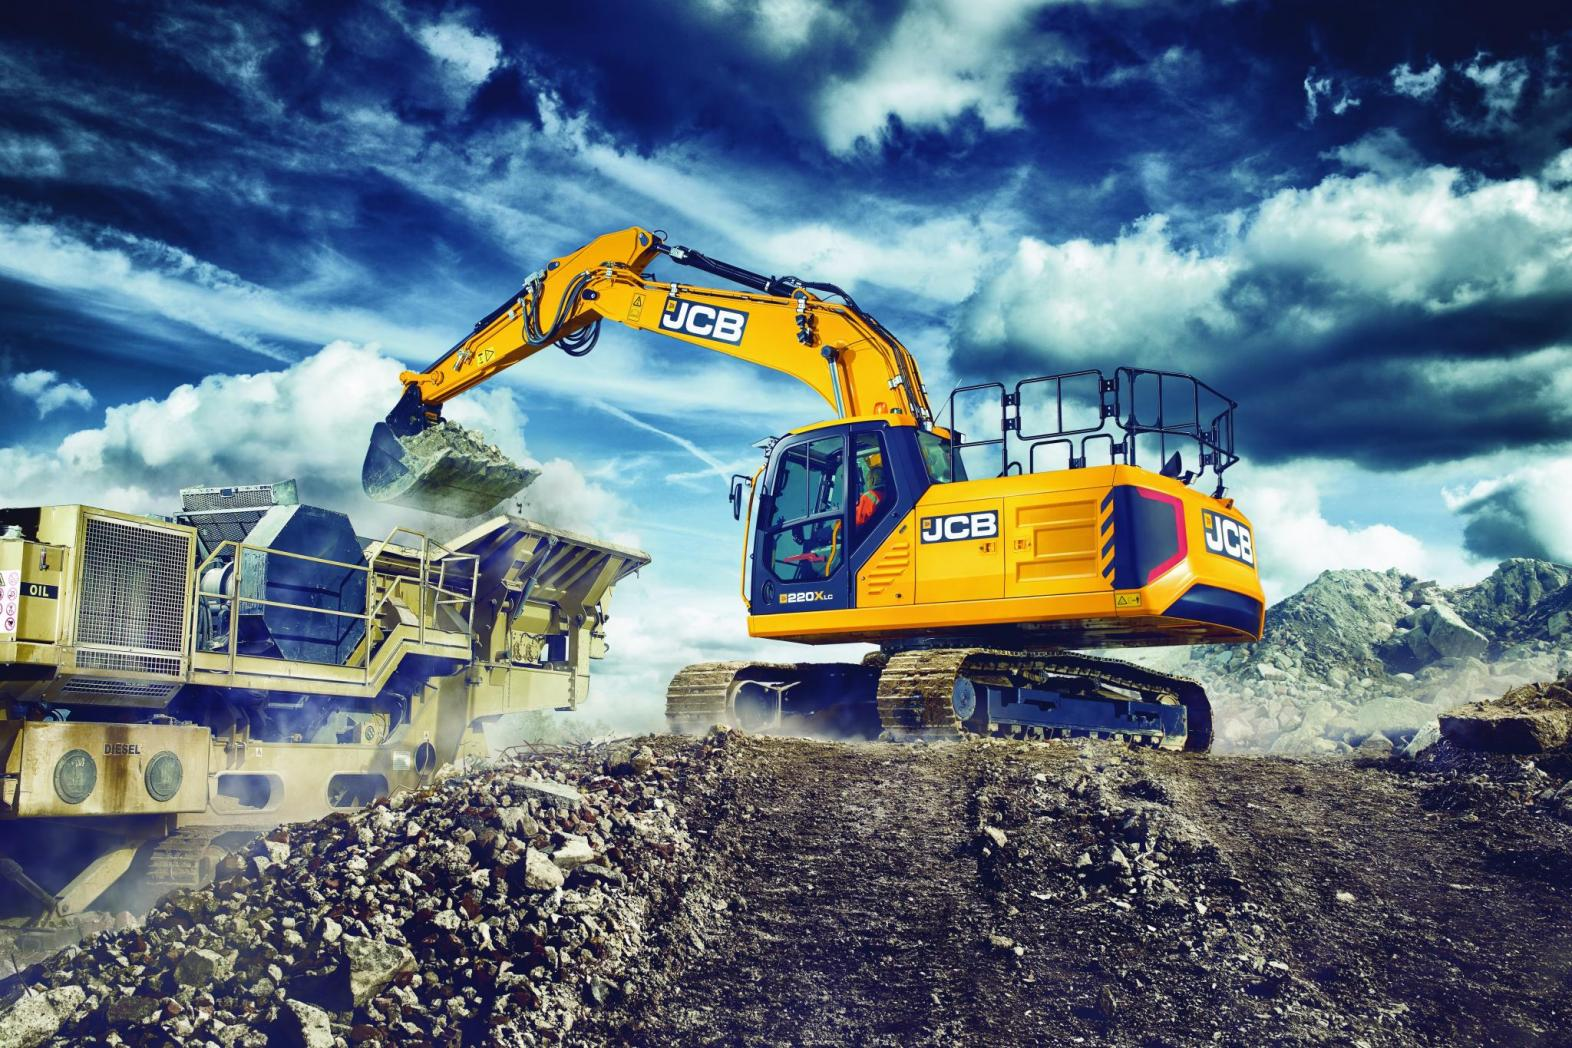 Extreme strength: JCB's X Series heavy line excavators